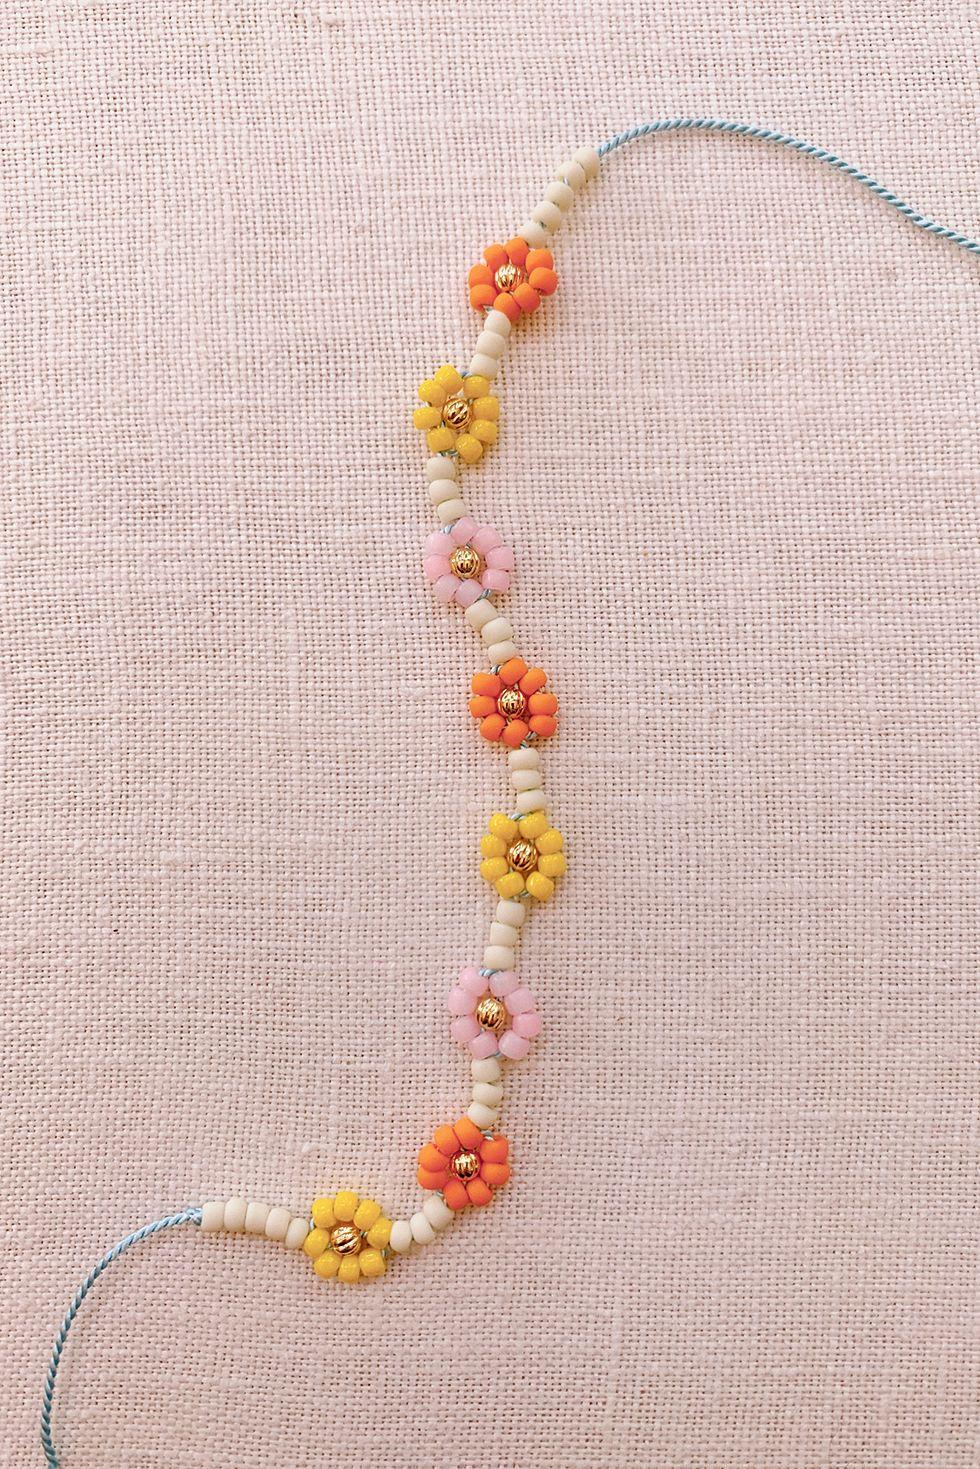 DIY Beaded Daisy Chain Bracelet